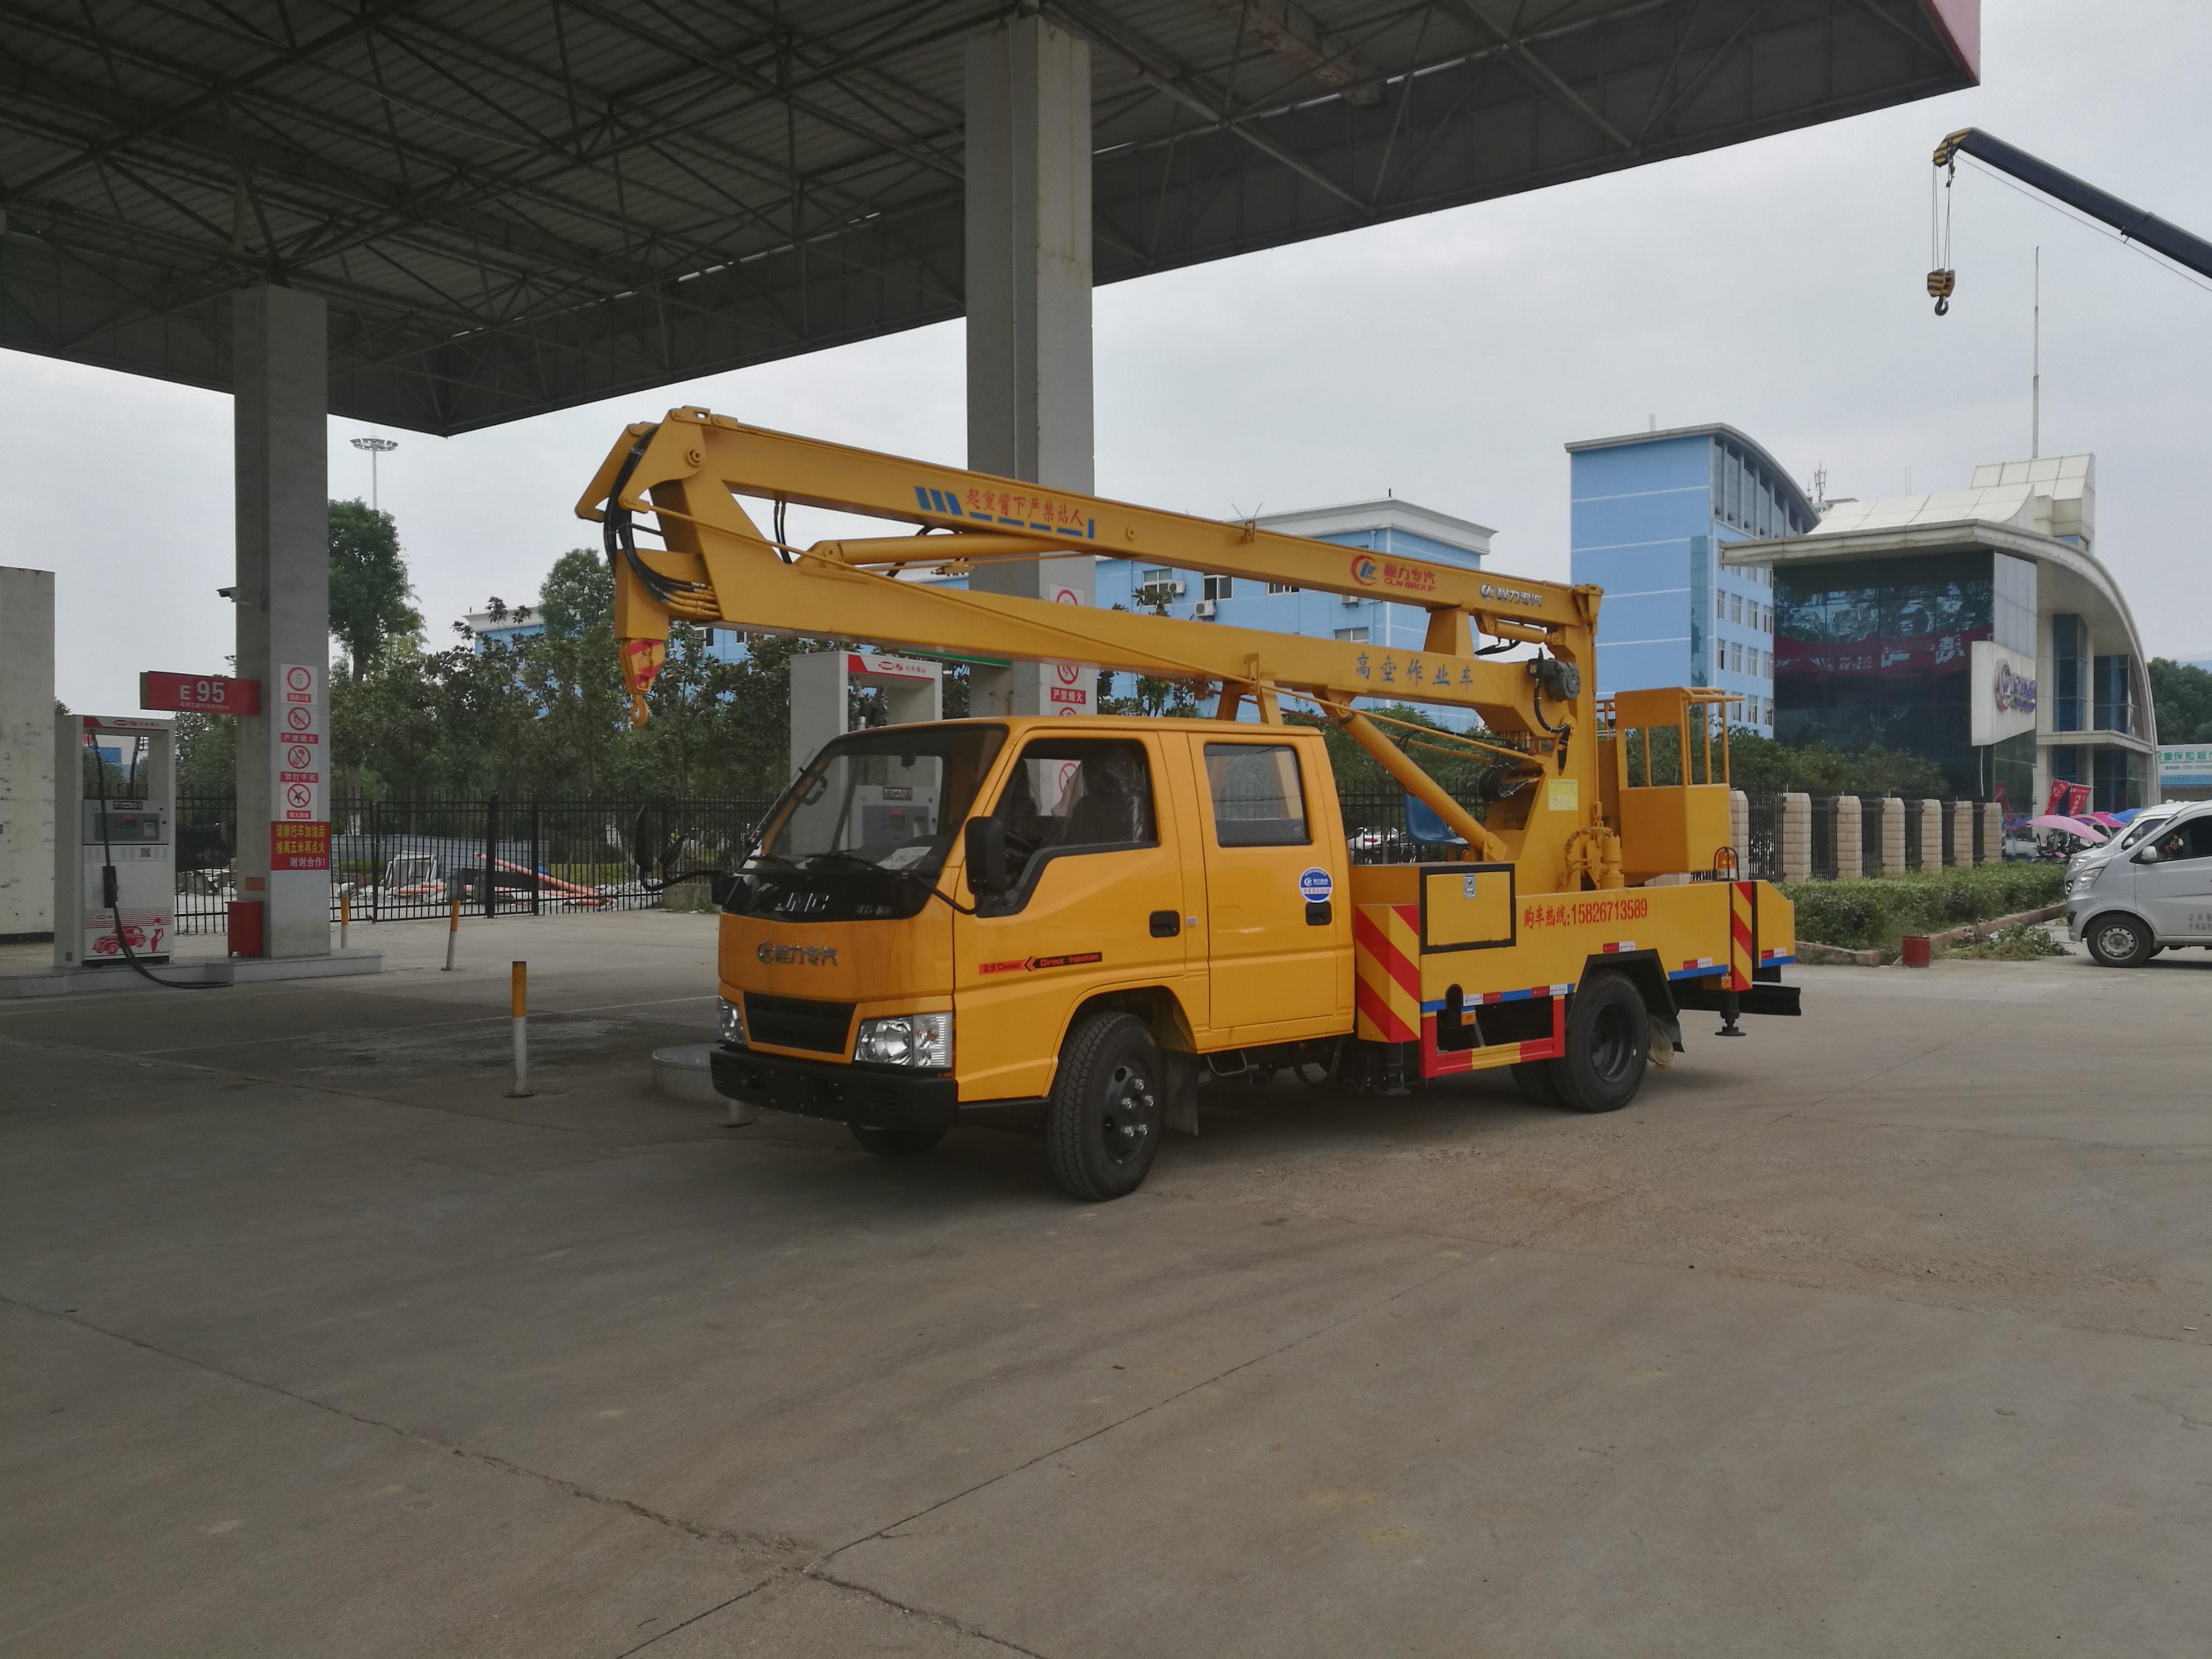 江铃16米高空升降车展示,高空作业车性能图片